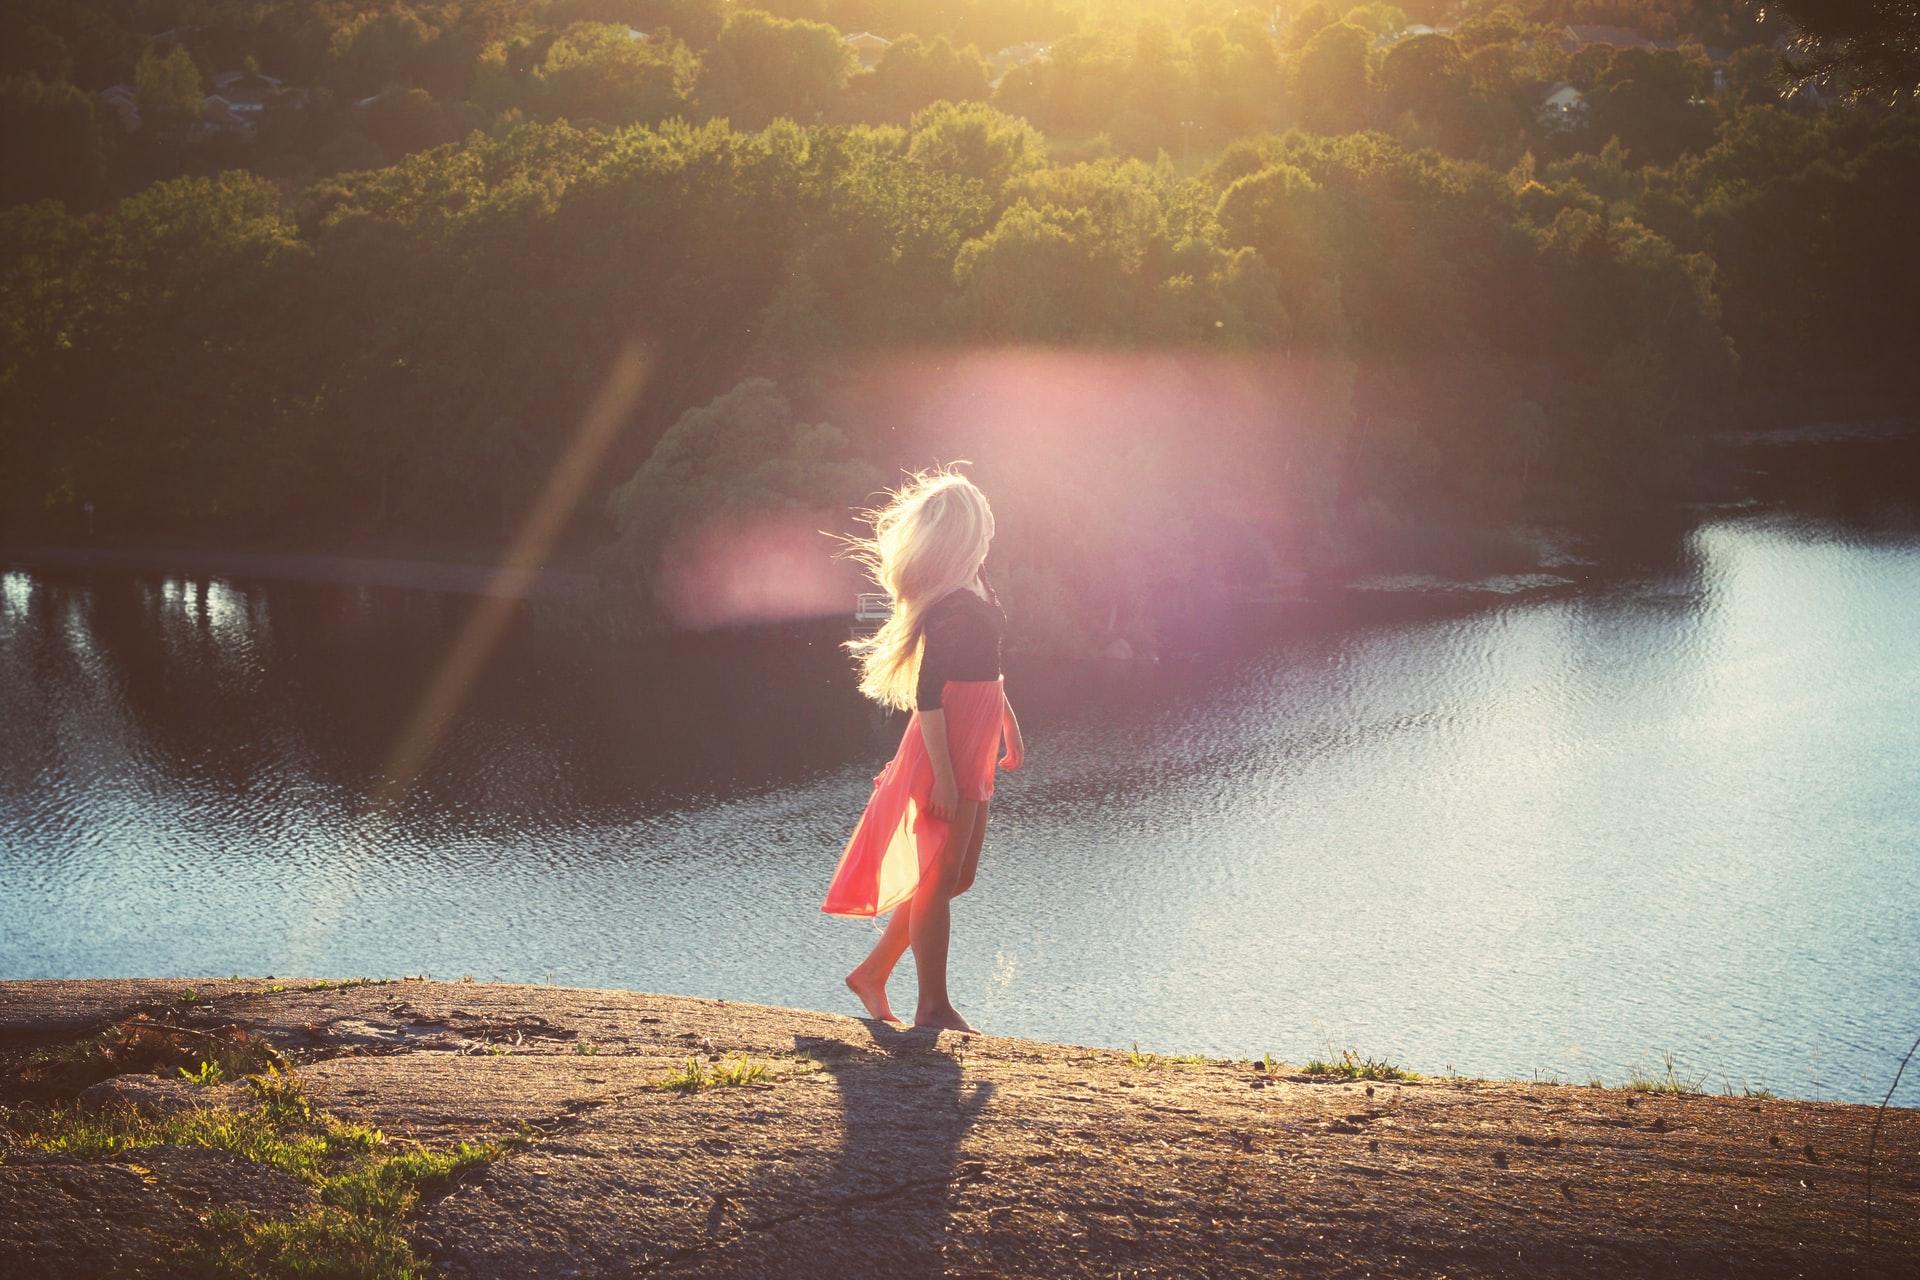 Woman-walking-at-a-lake